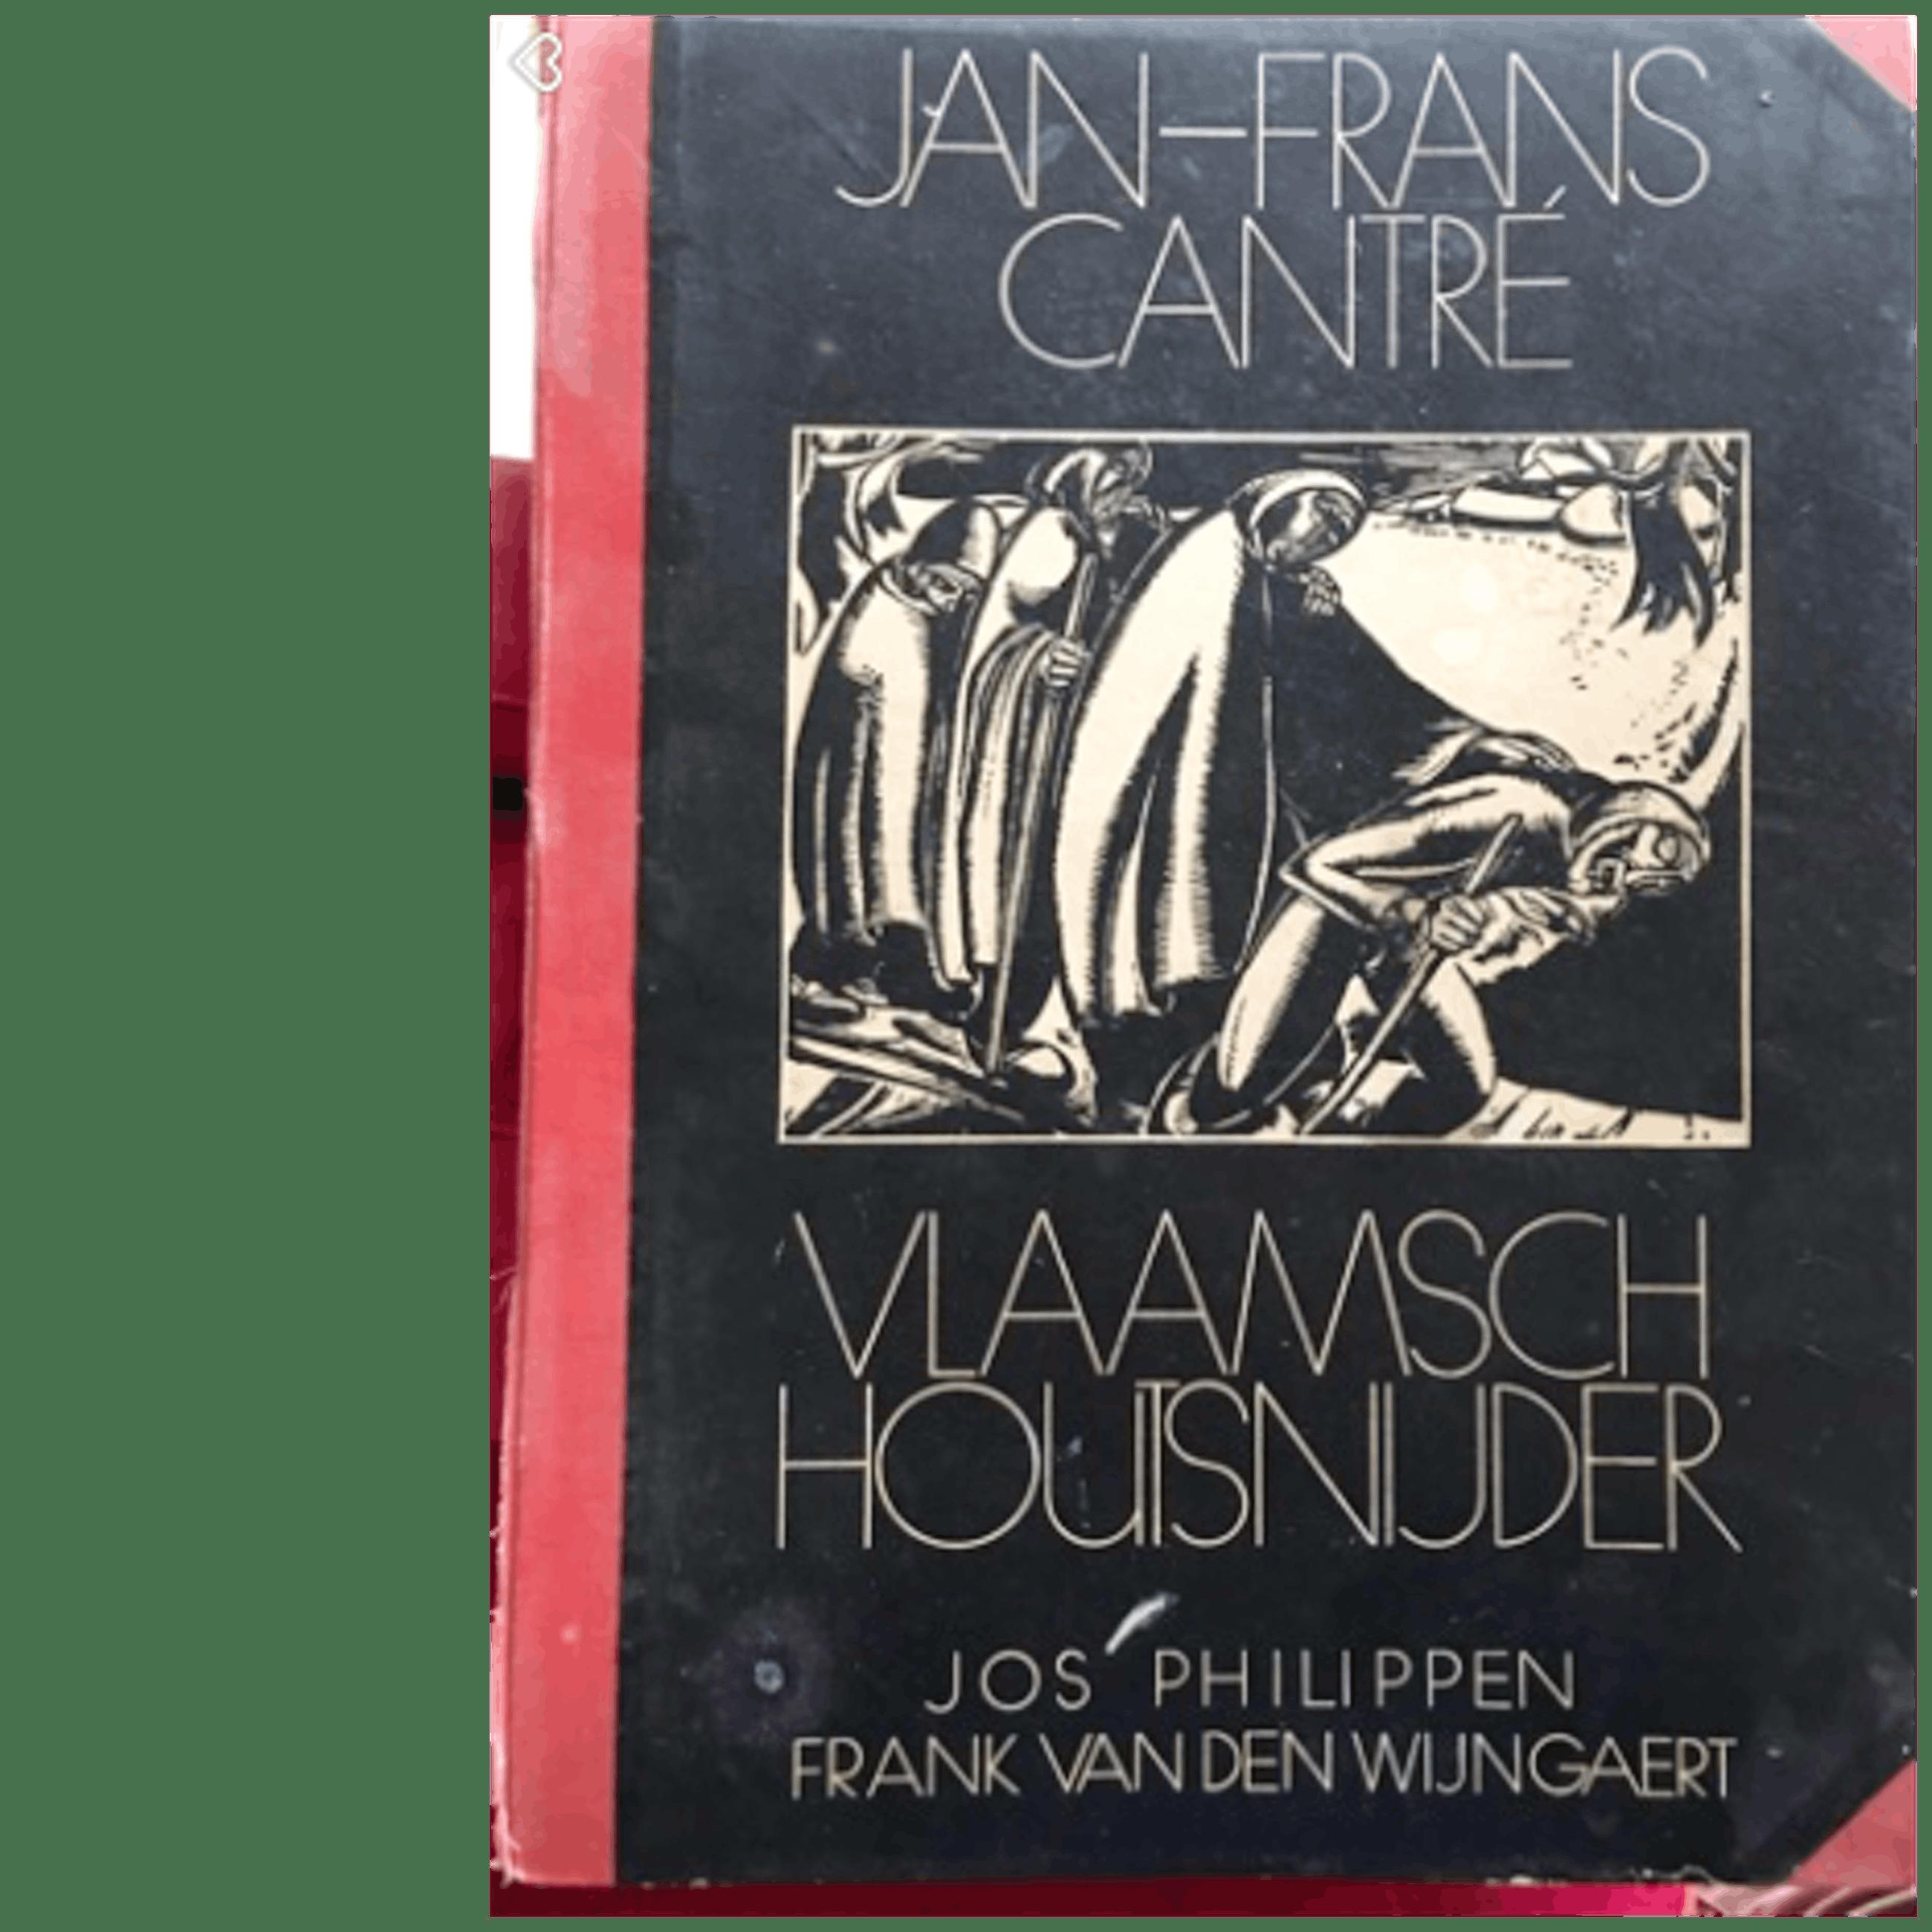 Jan Frans Cantre - Jan-Frans Cantré, Vlaamsch Houtsnijder door Jos Philippen en Frank van den Wijng kopen? Bied vanaf 110!